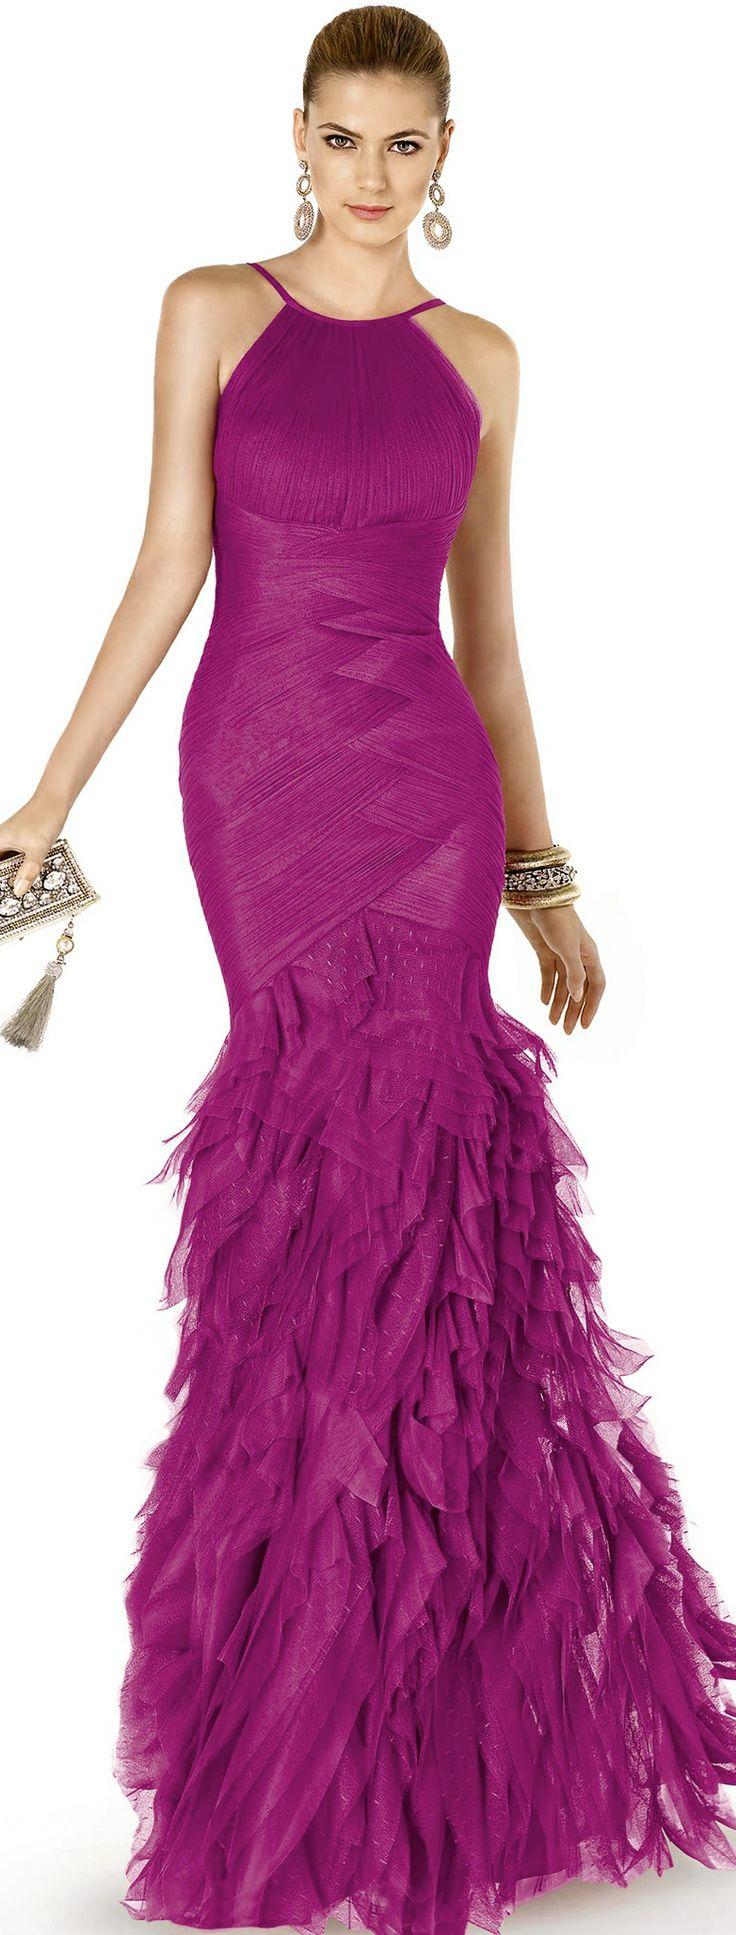 Increíble Art Deco Inspirada Vestidos De Dama Patrón - Colección de ...